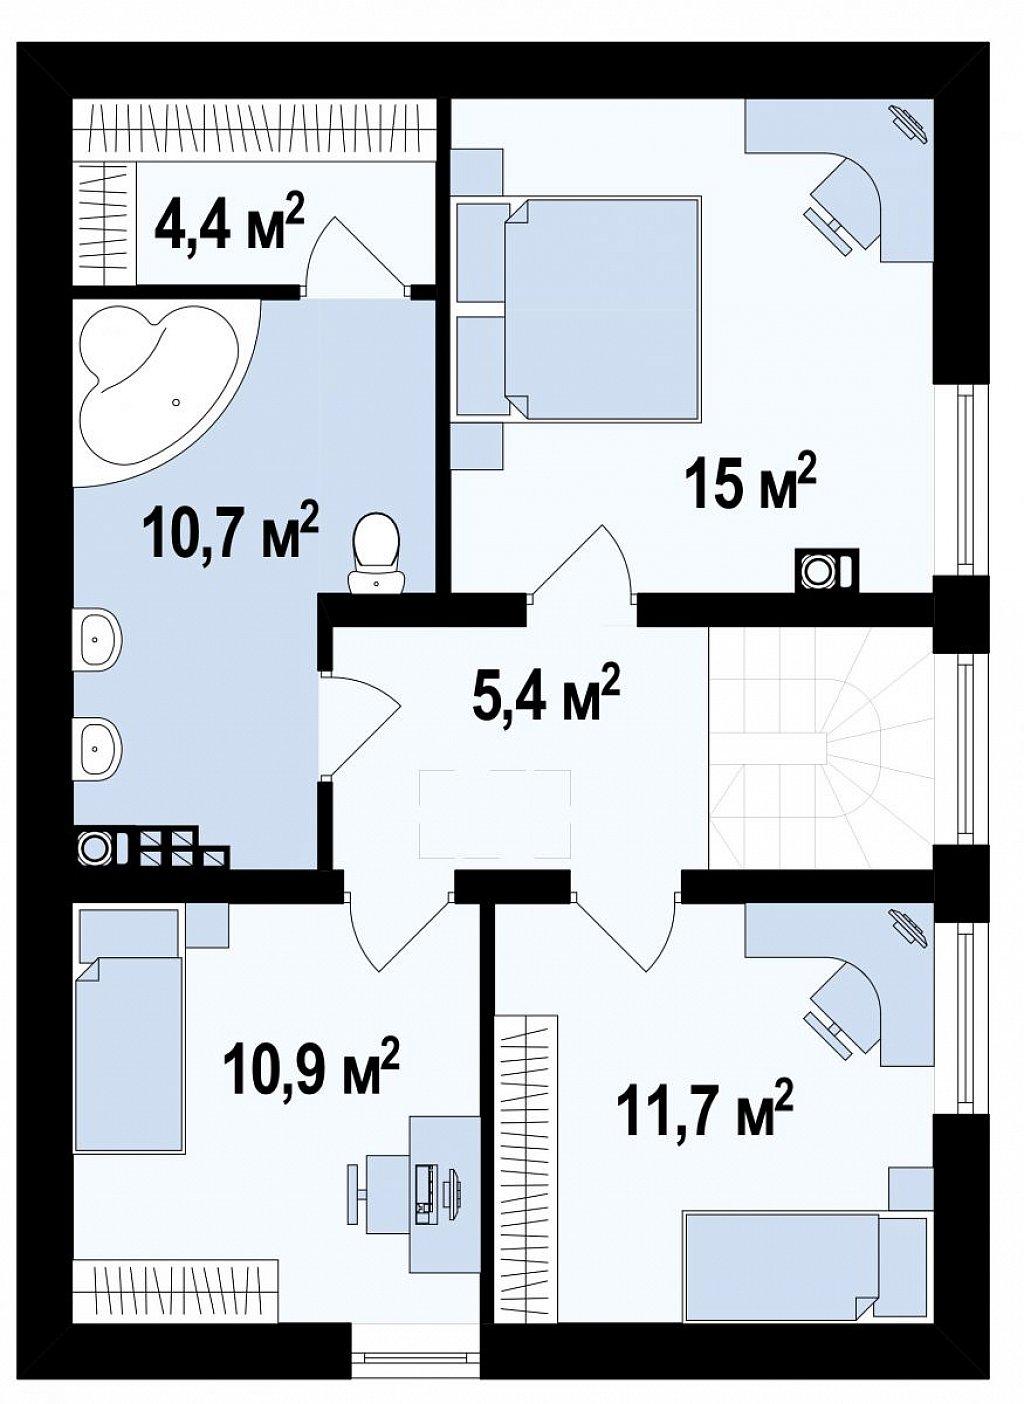 Выгодный в строительстве и эксплуатации двухэтажный дом простой формы. план помещений 2